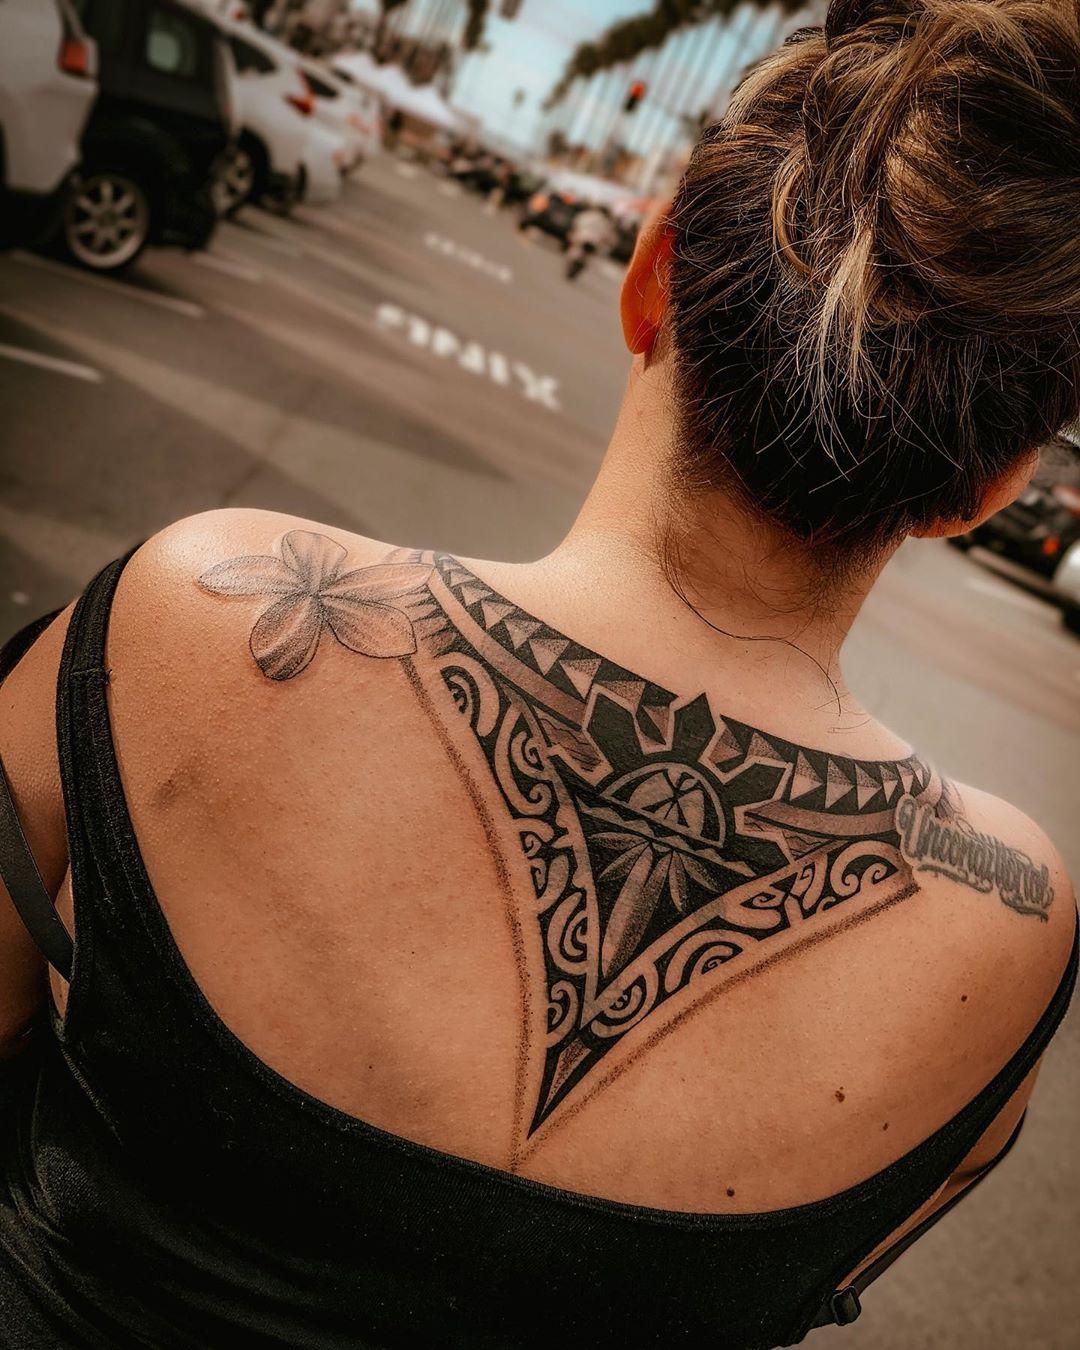 Shoulders and back Hawaiian tattoo